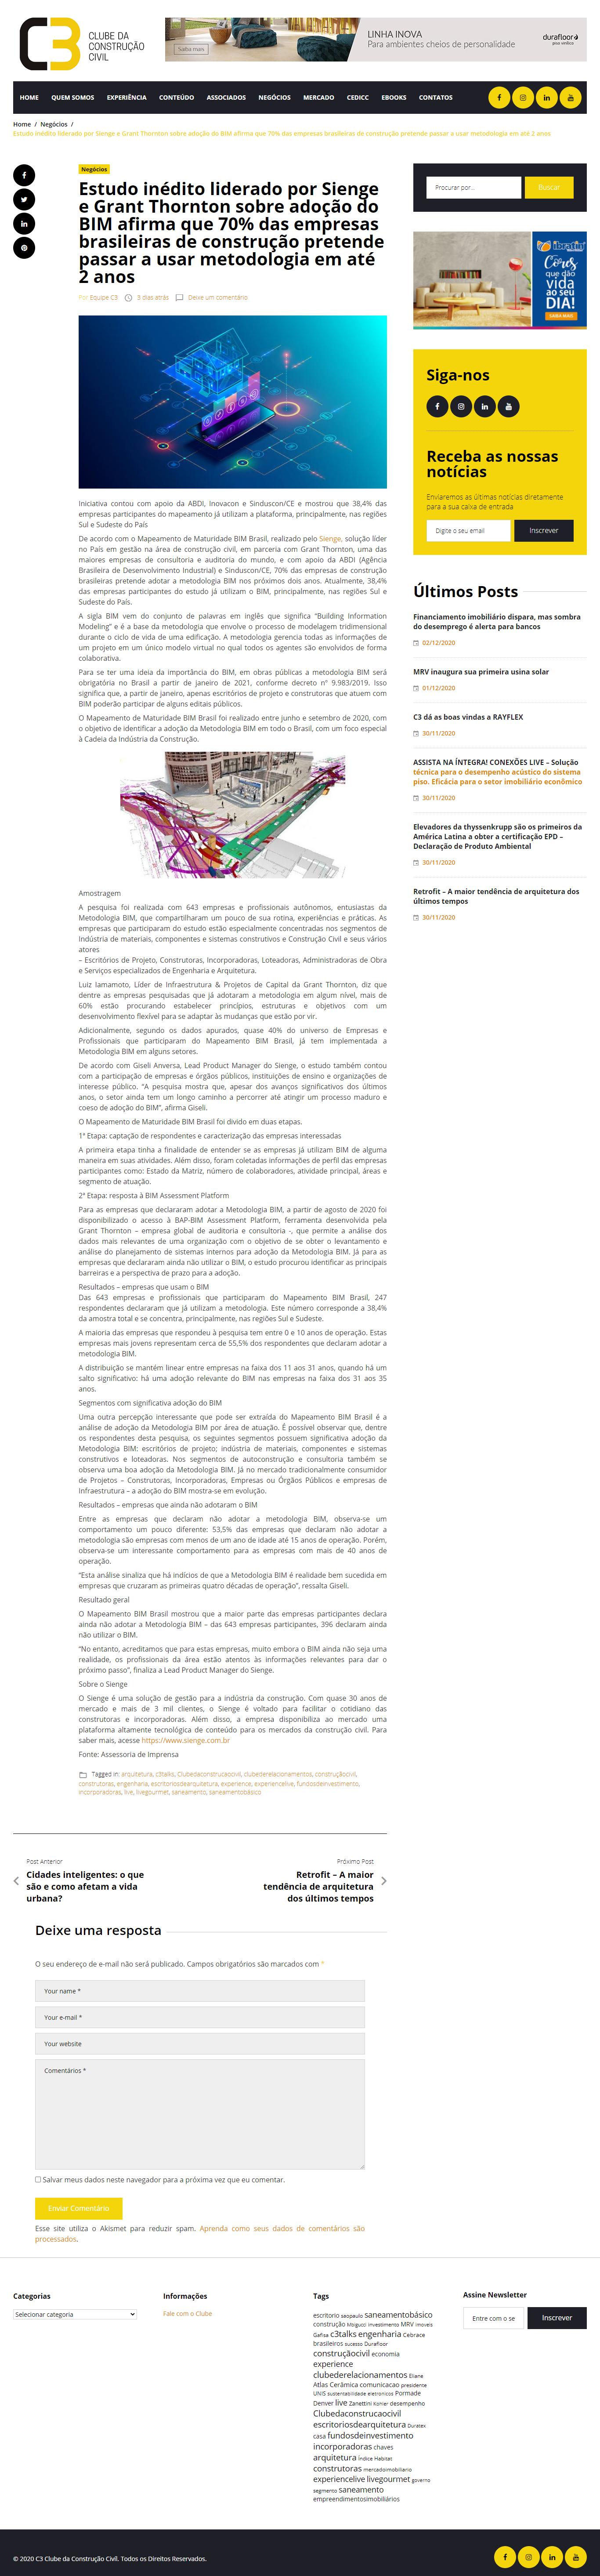 Estudo inédito liderado por Sienge e Grant Thornton sobre adoção do BIM afirma que 70% das empresas brasileiras de construção pretende passar a usar metodologia em até 2 anos - C3 Clube